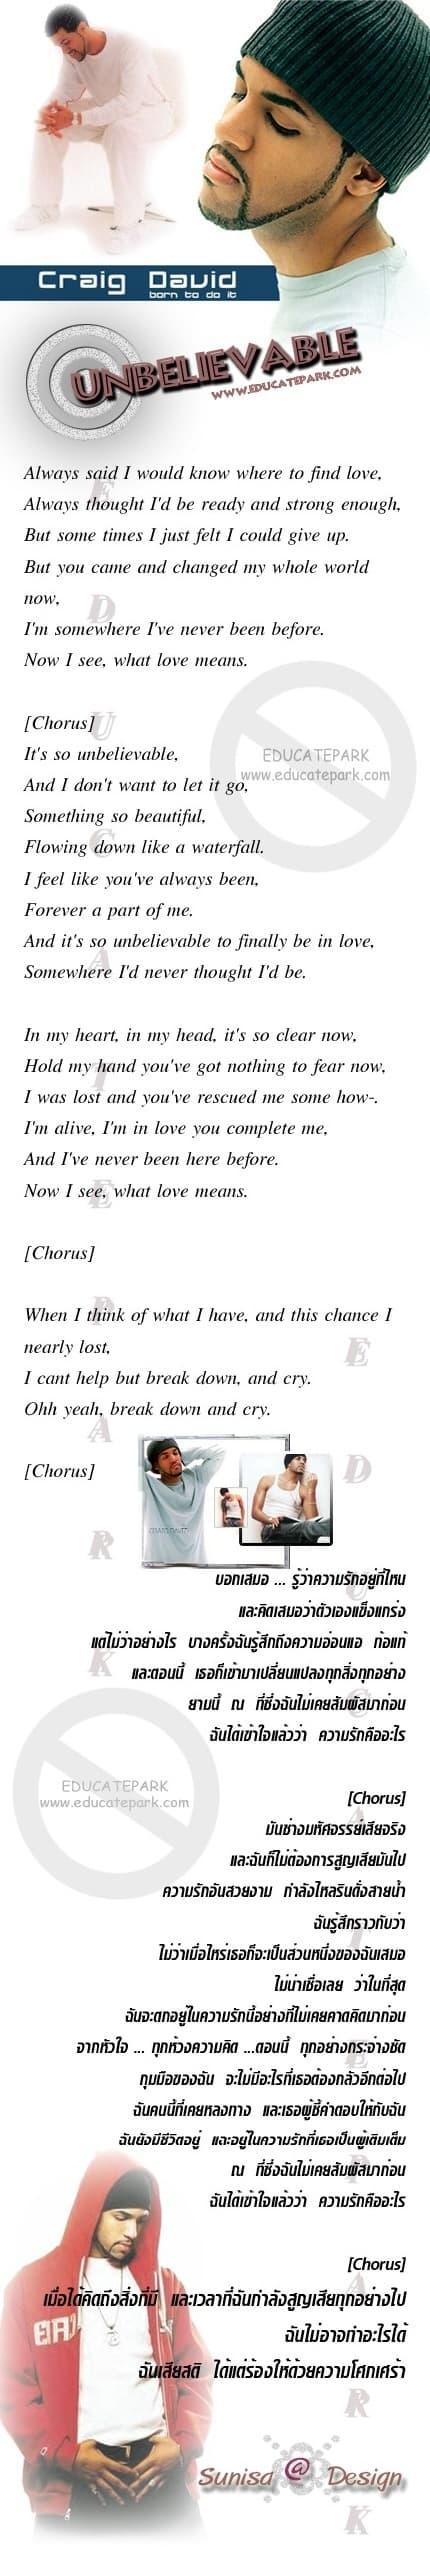 แปลเพลง Unbelievable - Craig David